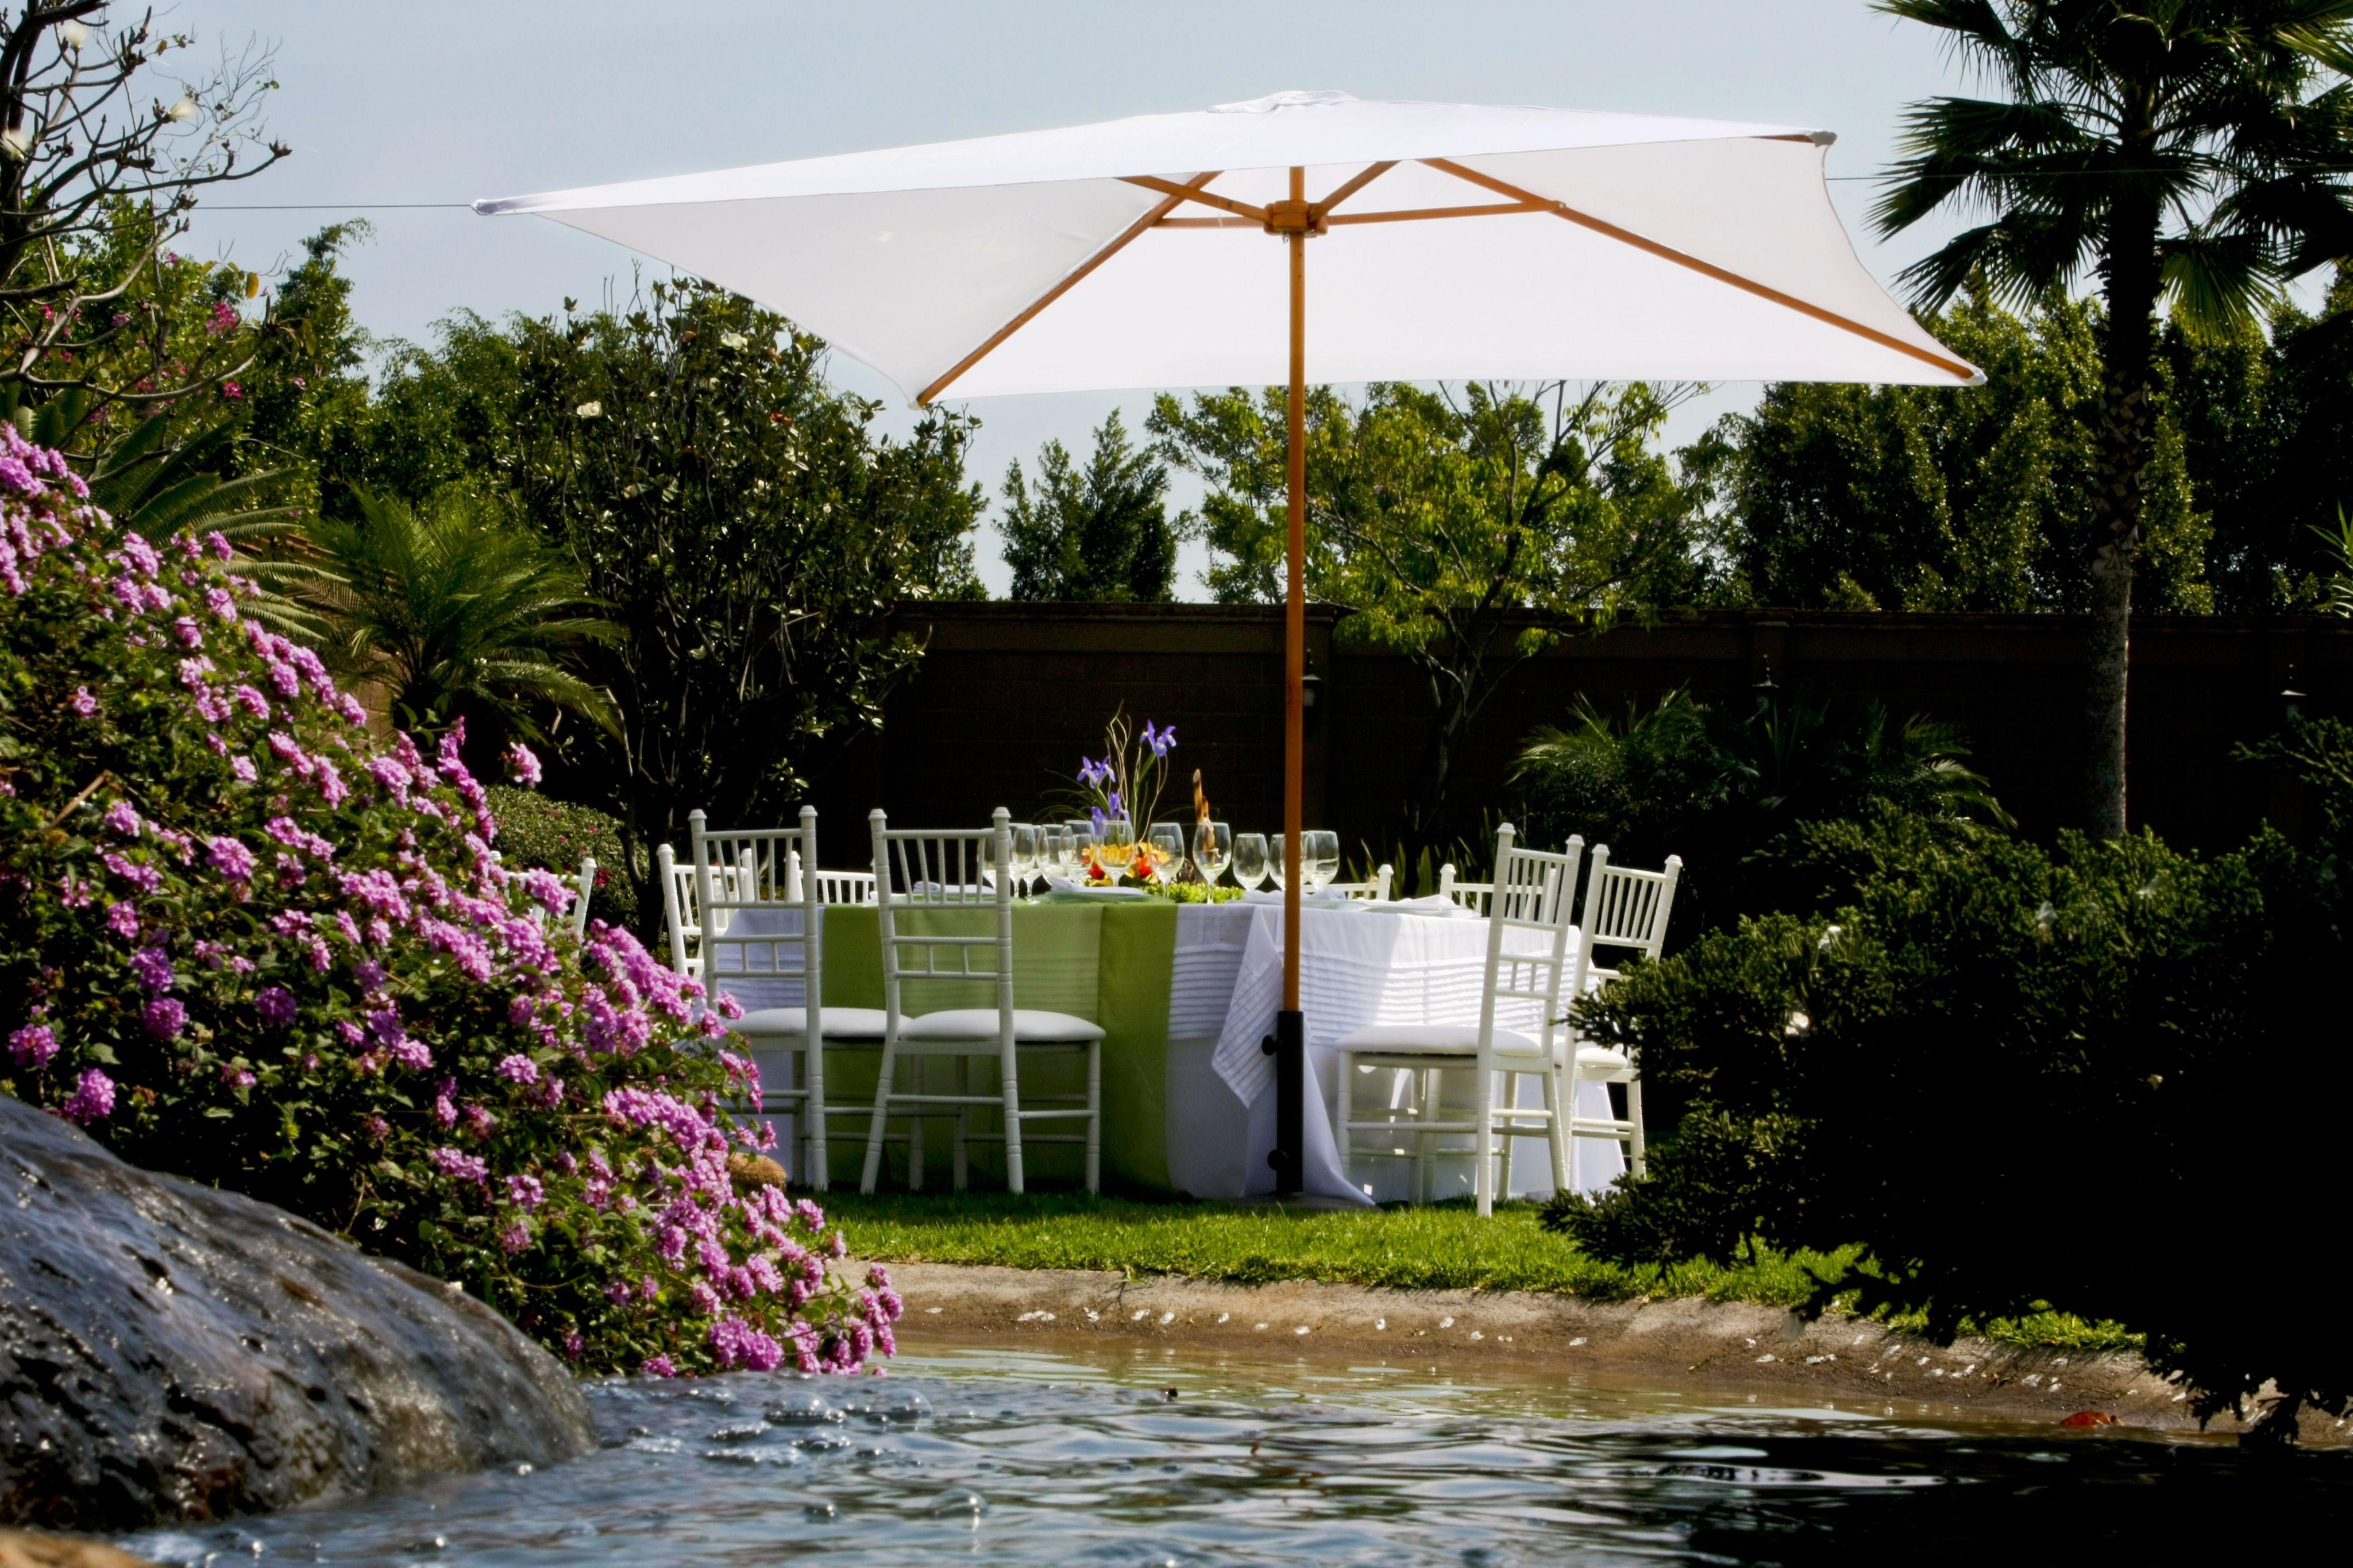 Jardines y bungalows  rodeados de exuberantes y bellas áreas verdes, un #sueño hecho realidad... ¡Pasión por verte feliz, buen sábado!